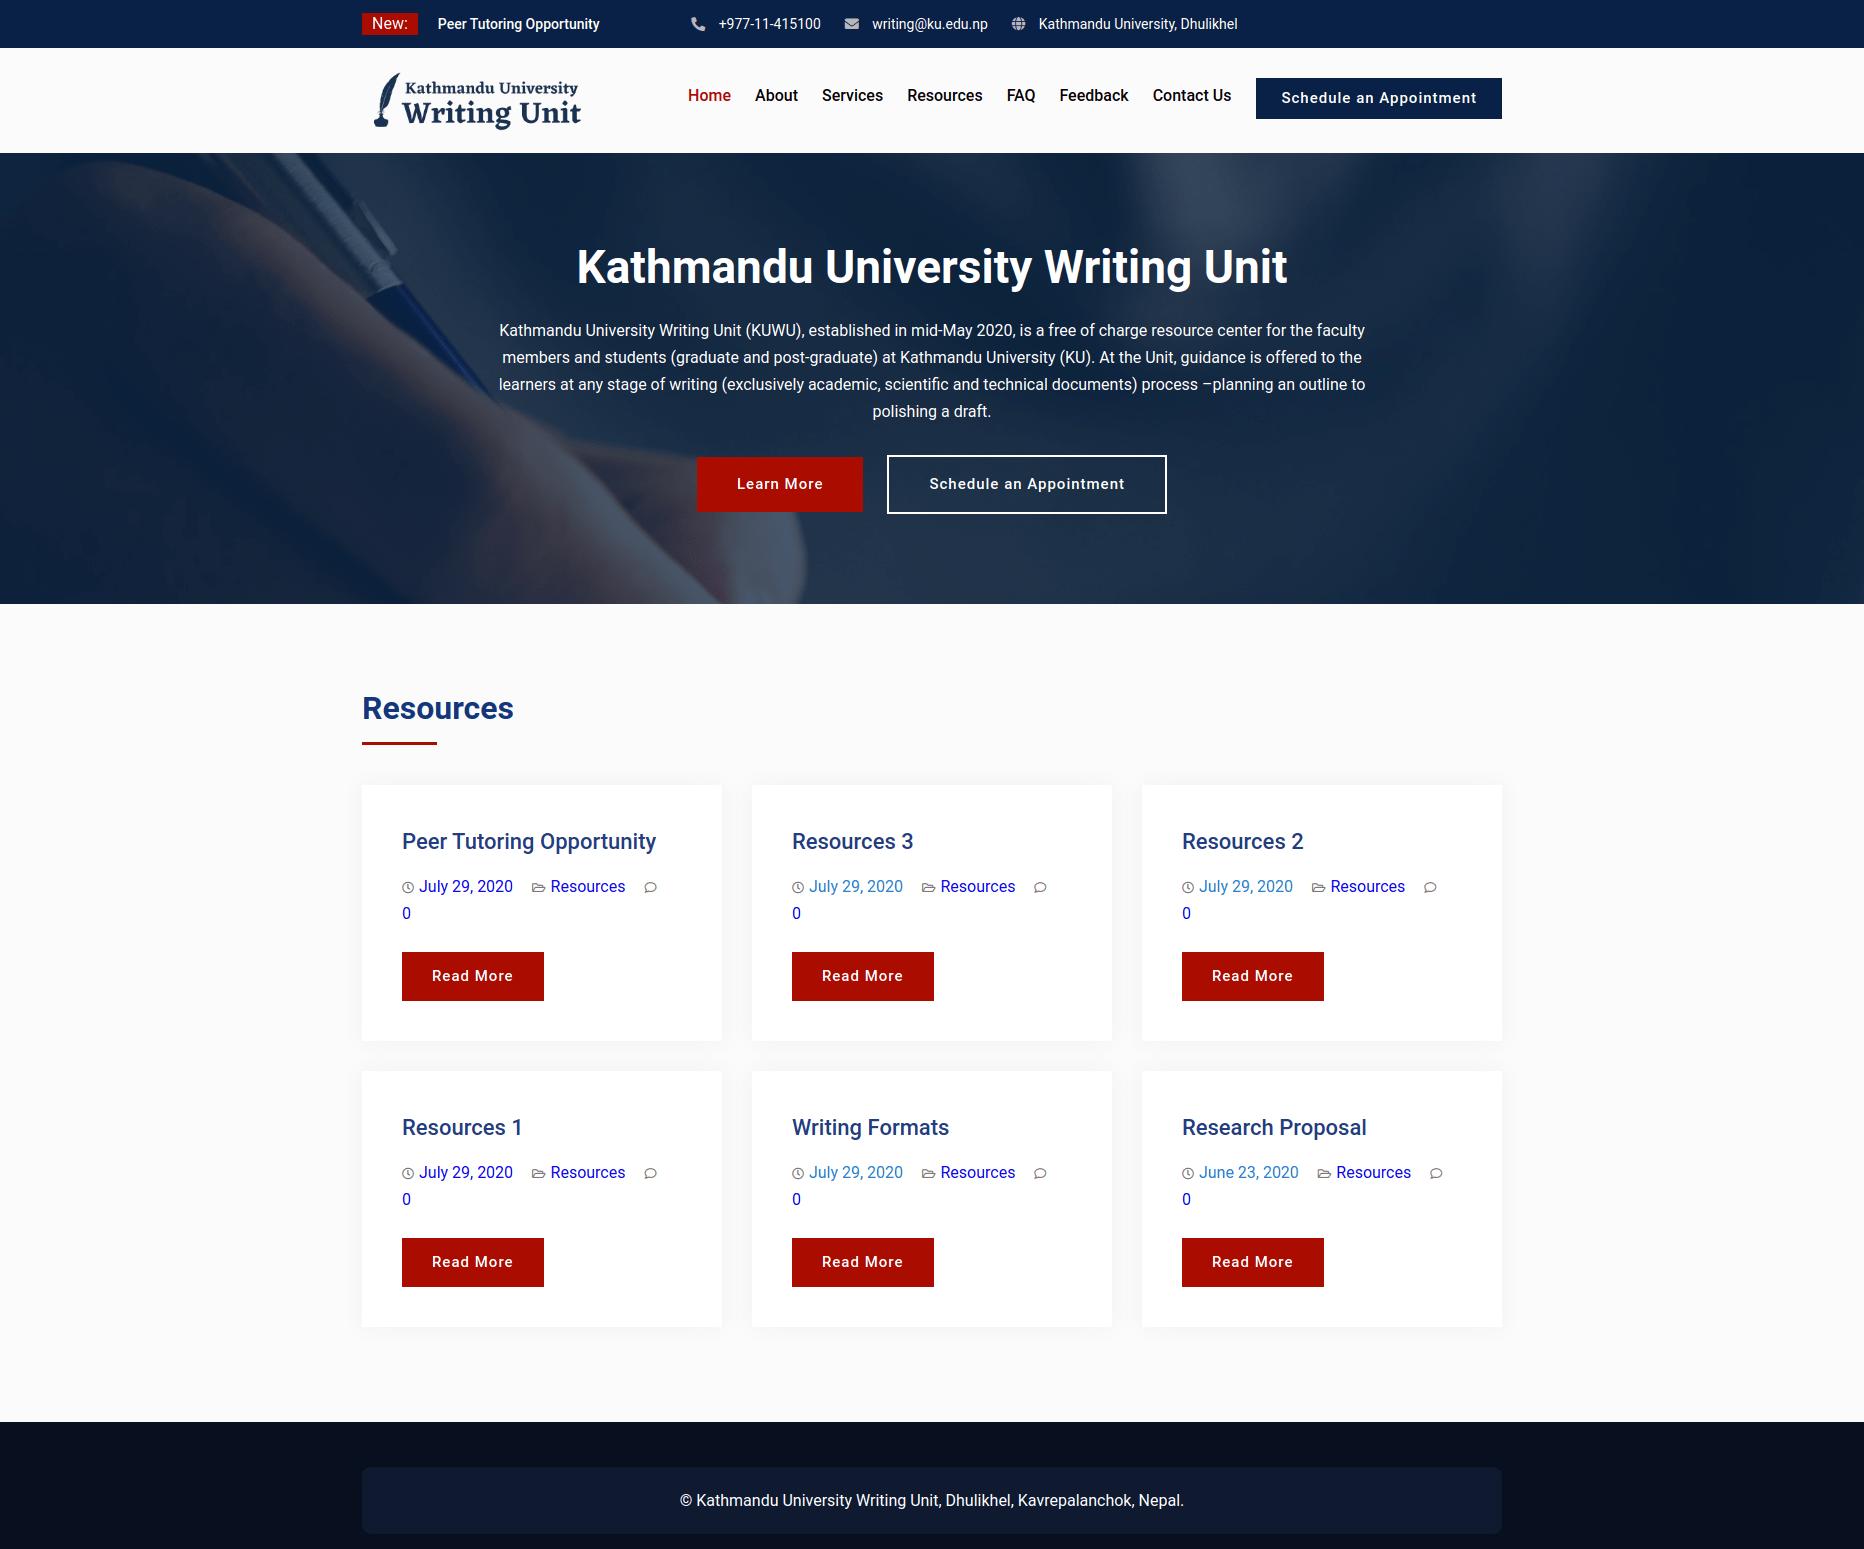 Writing Unit